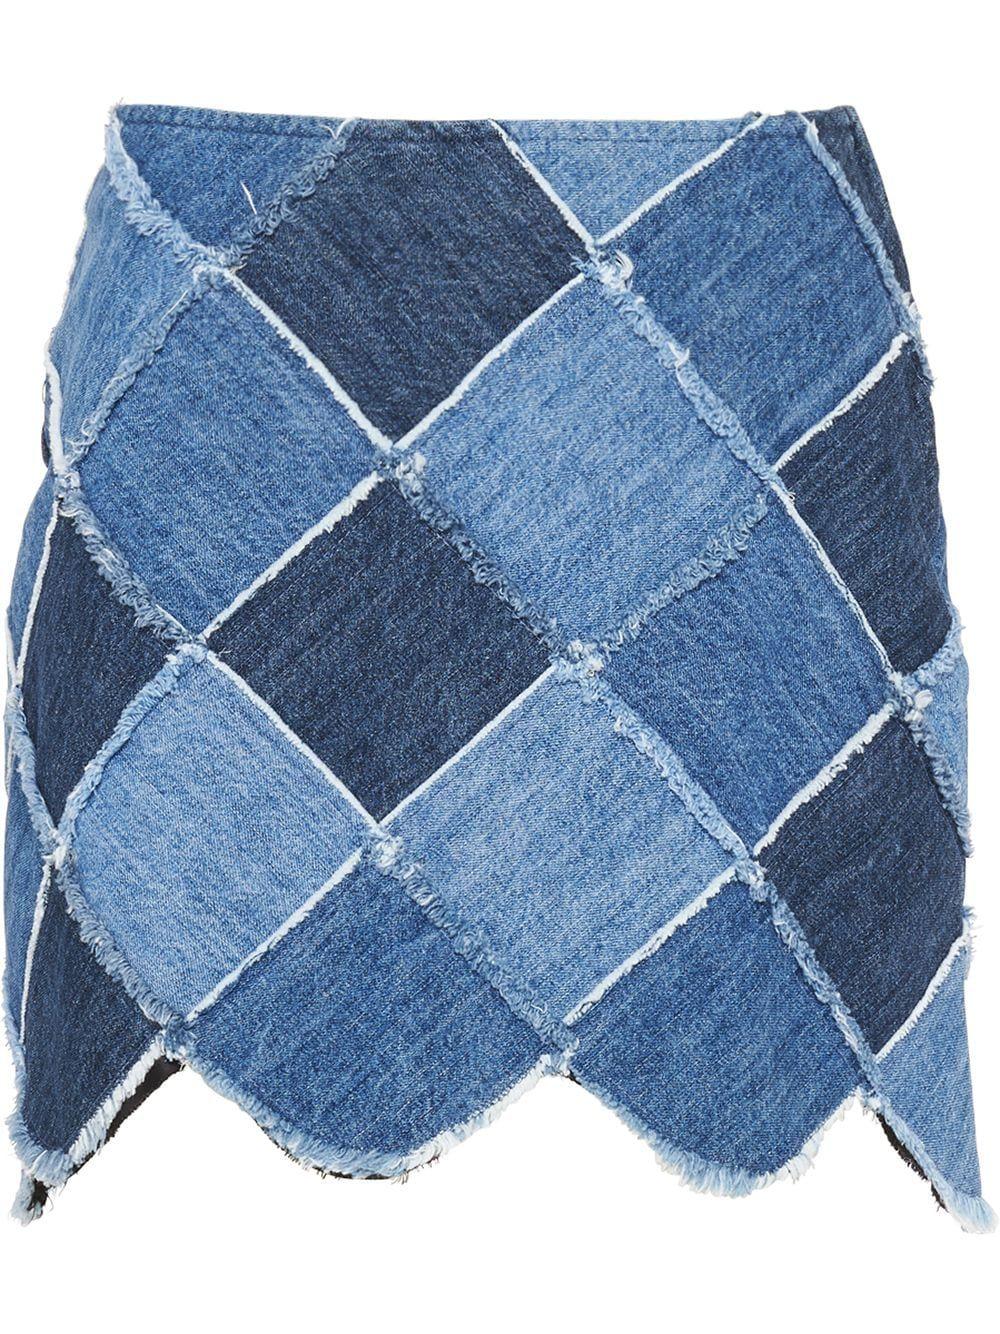 Blue cotton patchwork denim skirt from MIU MIU featuring high waist, scallop hem, thigh-length and argyle patchwork.